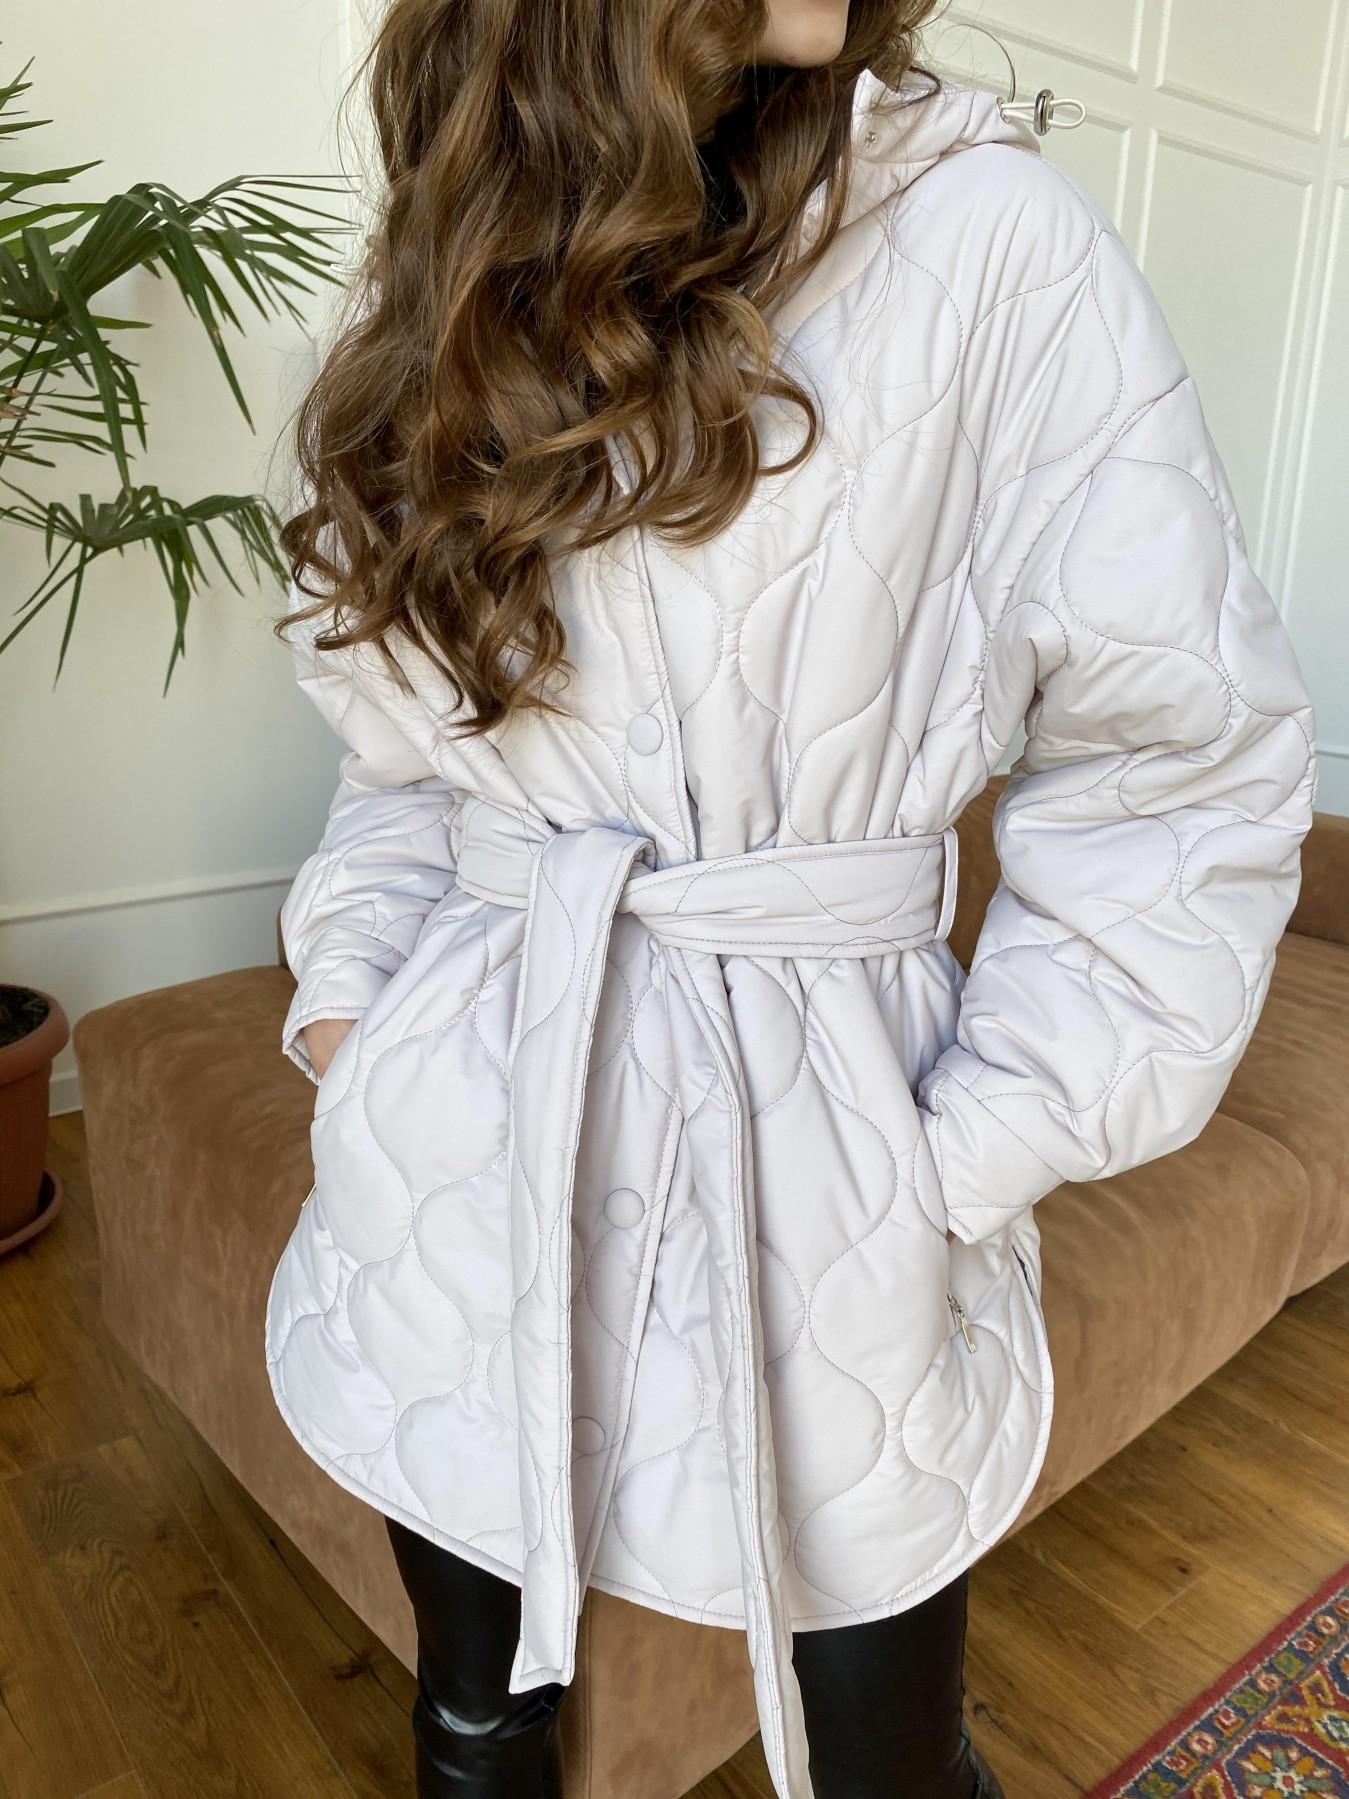 Пазл ЗИГЗАГ  стеганая куртка из плащевой ткани Ammy 10979 АРТ. 47471 Цвет: Бежевый 970 - фото 11, интернет магазин tm-modus.ru